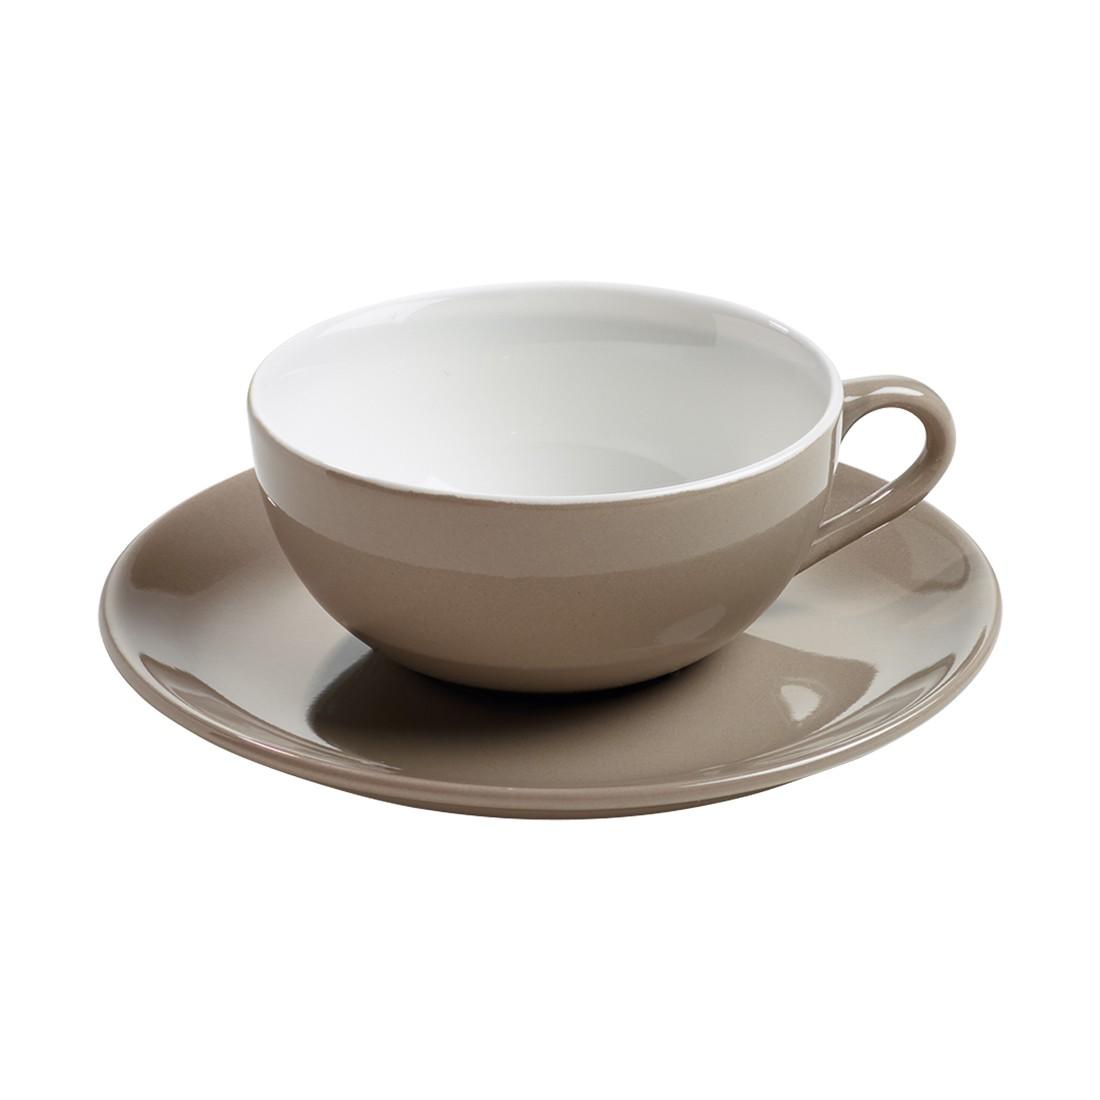 Teetasse mit Untertasse InfusionsT – Porzellan Taupe, Maxwell und Williams günstig kaufen